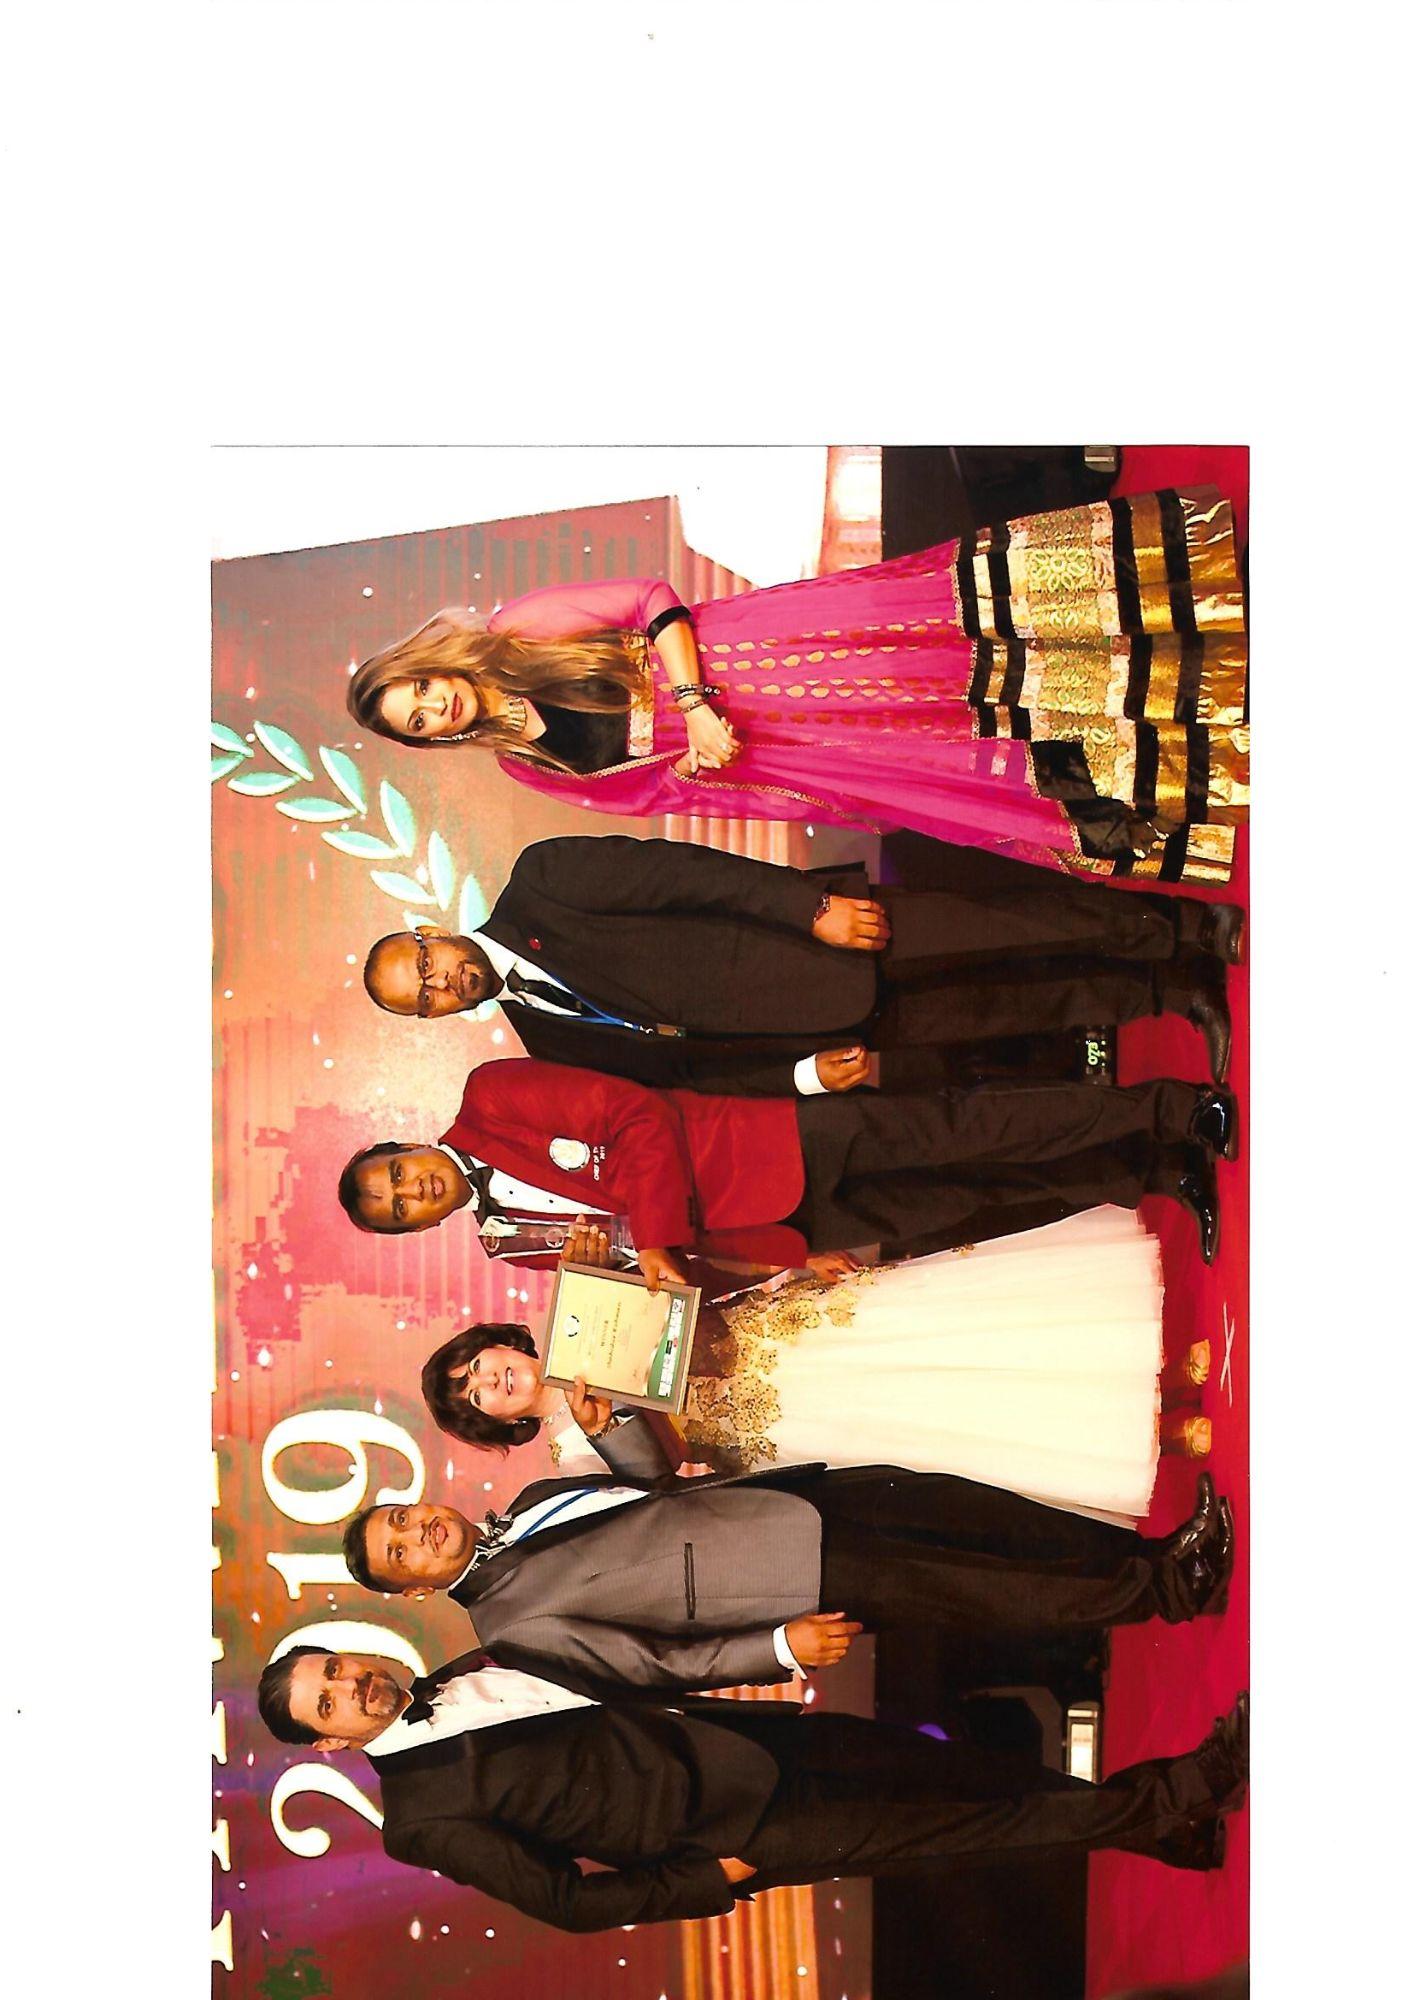 Spice Village photo original.jpg